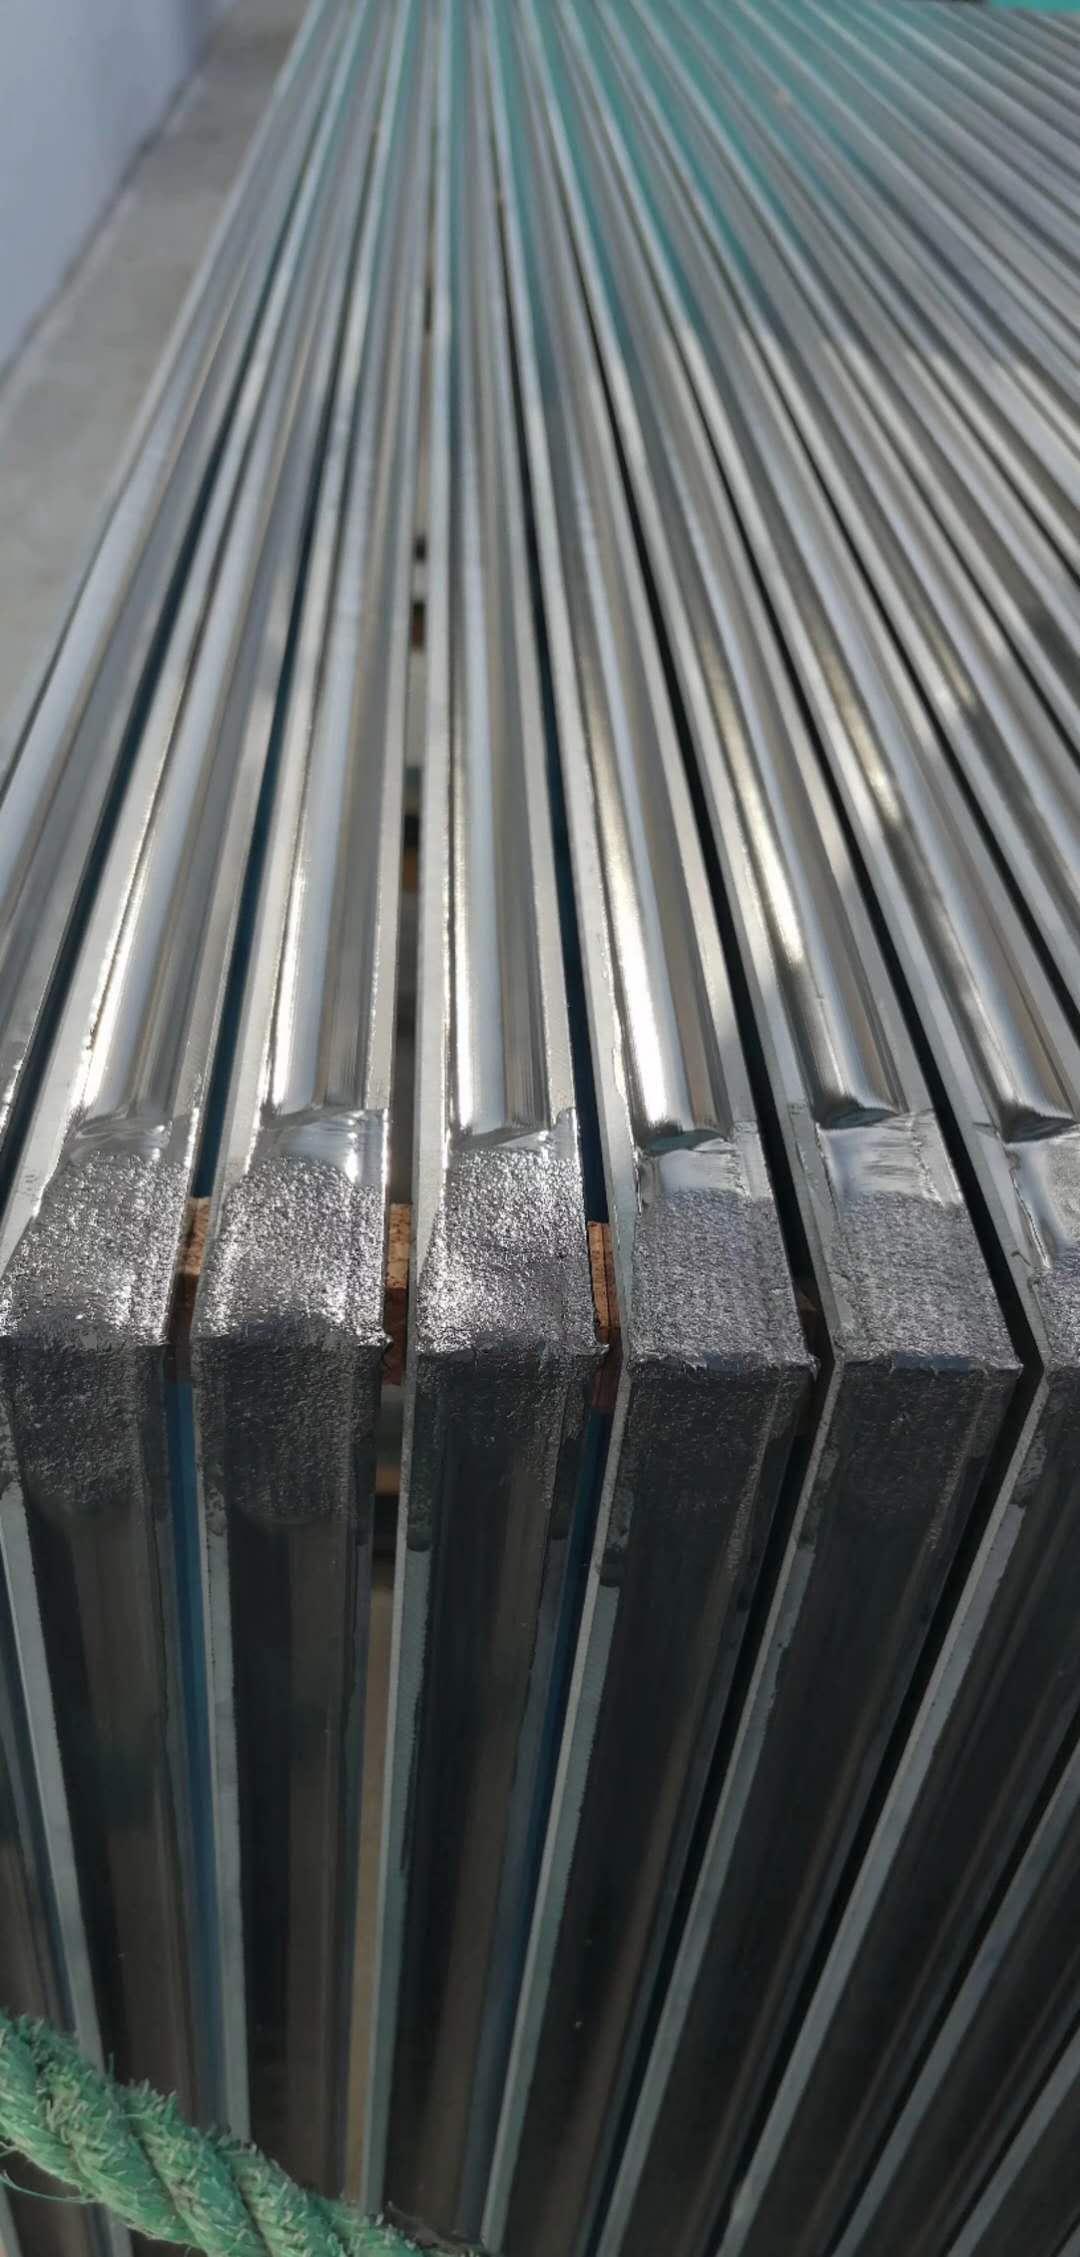 内蒙古中空玻璃公司-内蒙古磨砂玻璃-内蒙古磨砂玻璃厂家